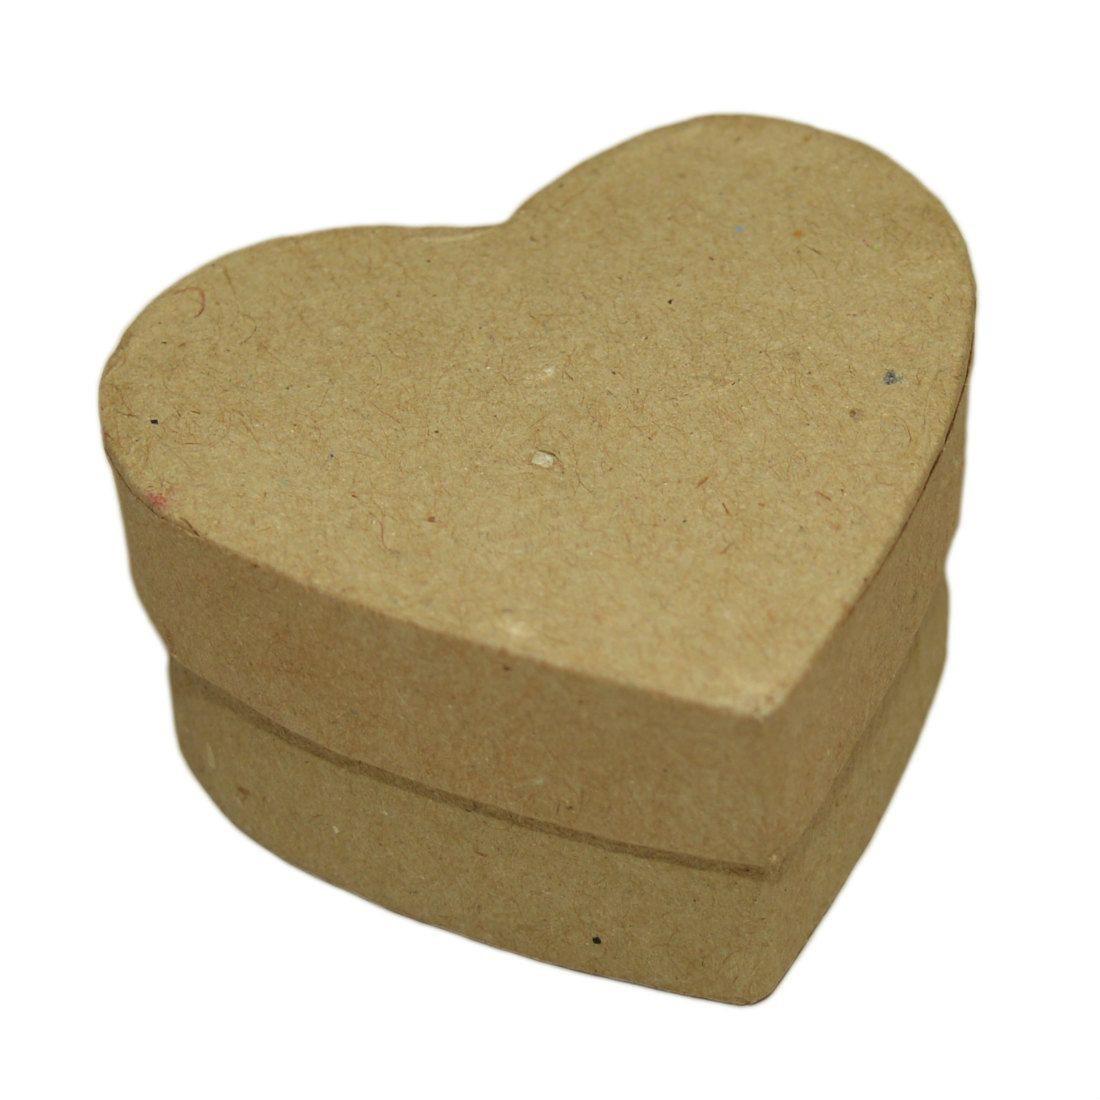 mini boite carton coeur 56x55x28mm boite drag es d corer peindre personnaliser cadeaux. Black Bedroom Furniture Sets. Home Design Ideas